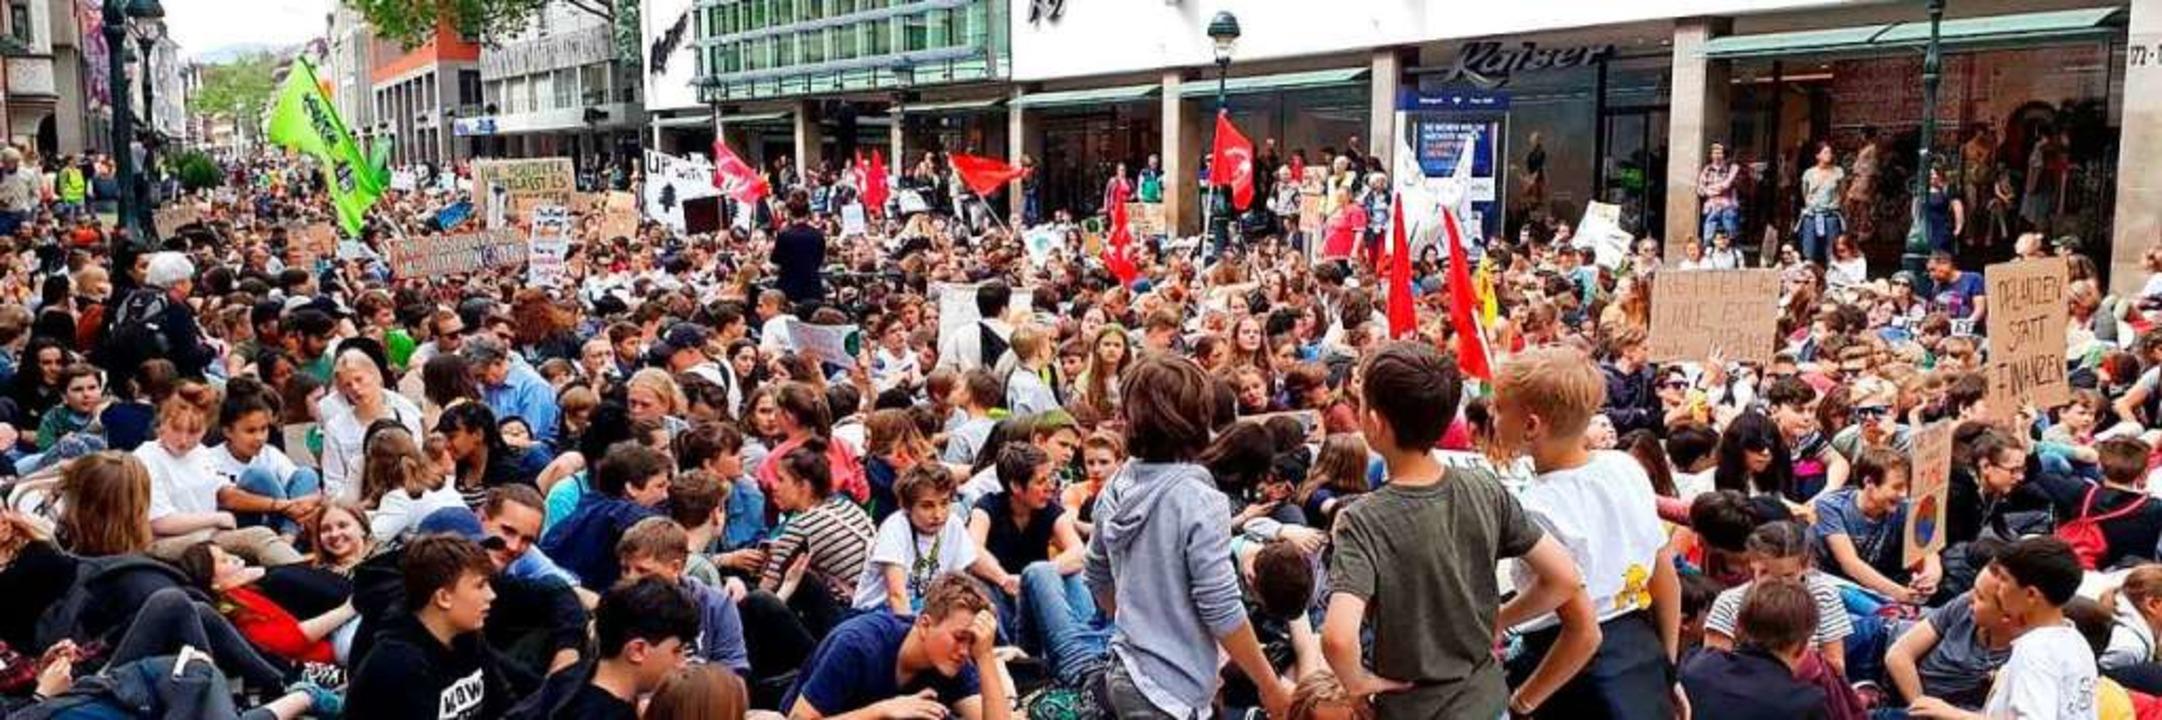 Auf der KaJo machten die Demonstranten einen Sitzstreik.  | Foto: Hannes Selz